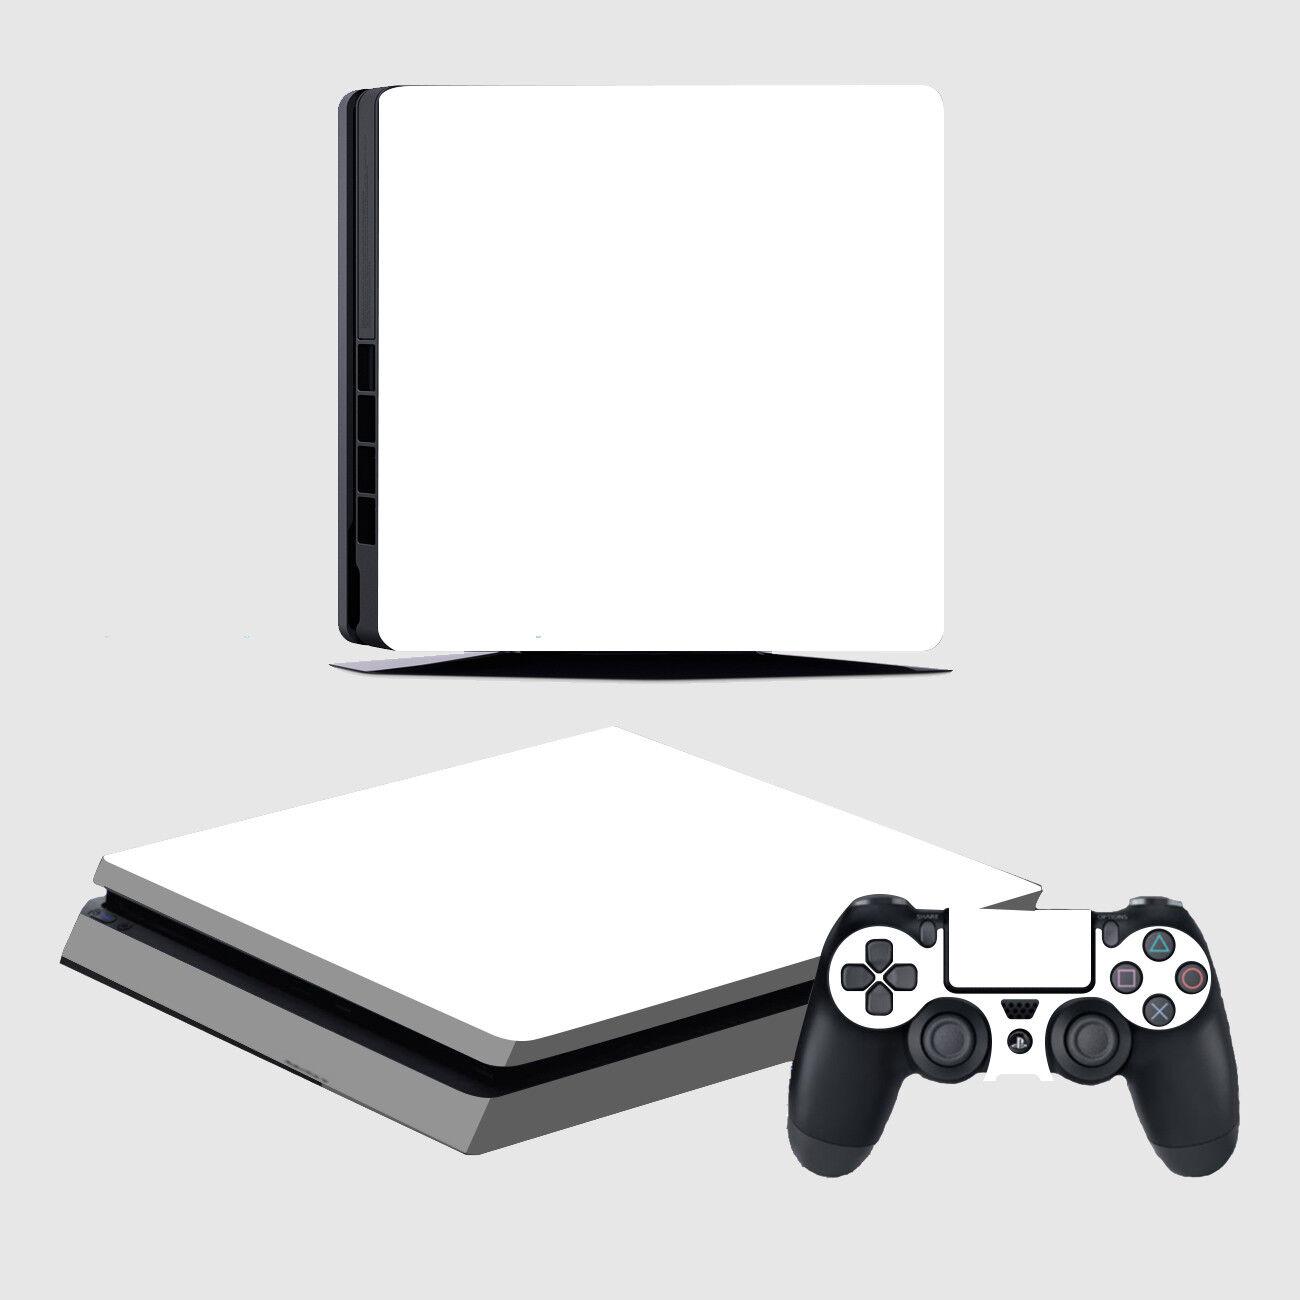 Playstation 4 Slim Konsole Designfolie Skin Schutzfolie Folie Schutz Design Weiß